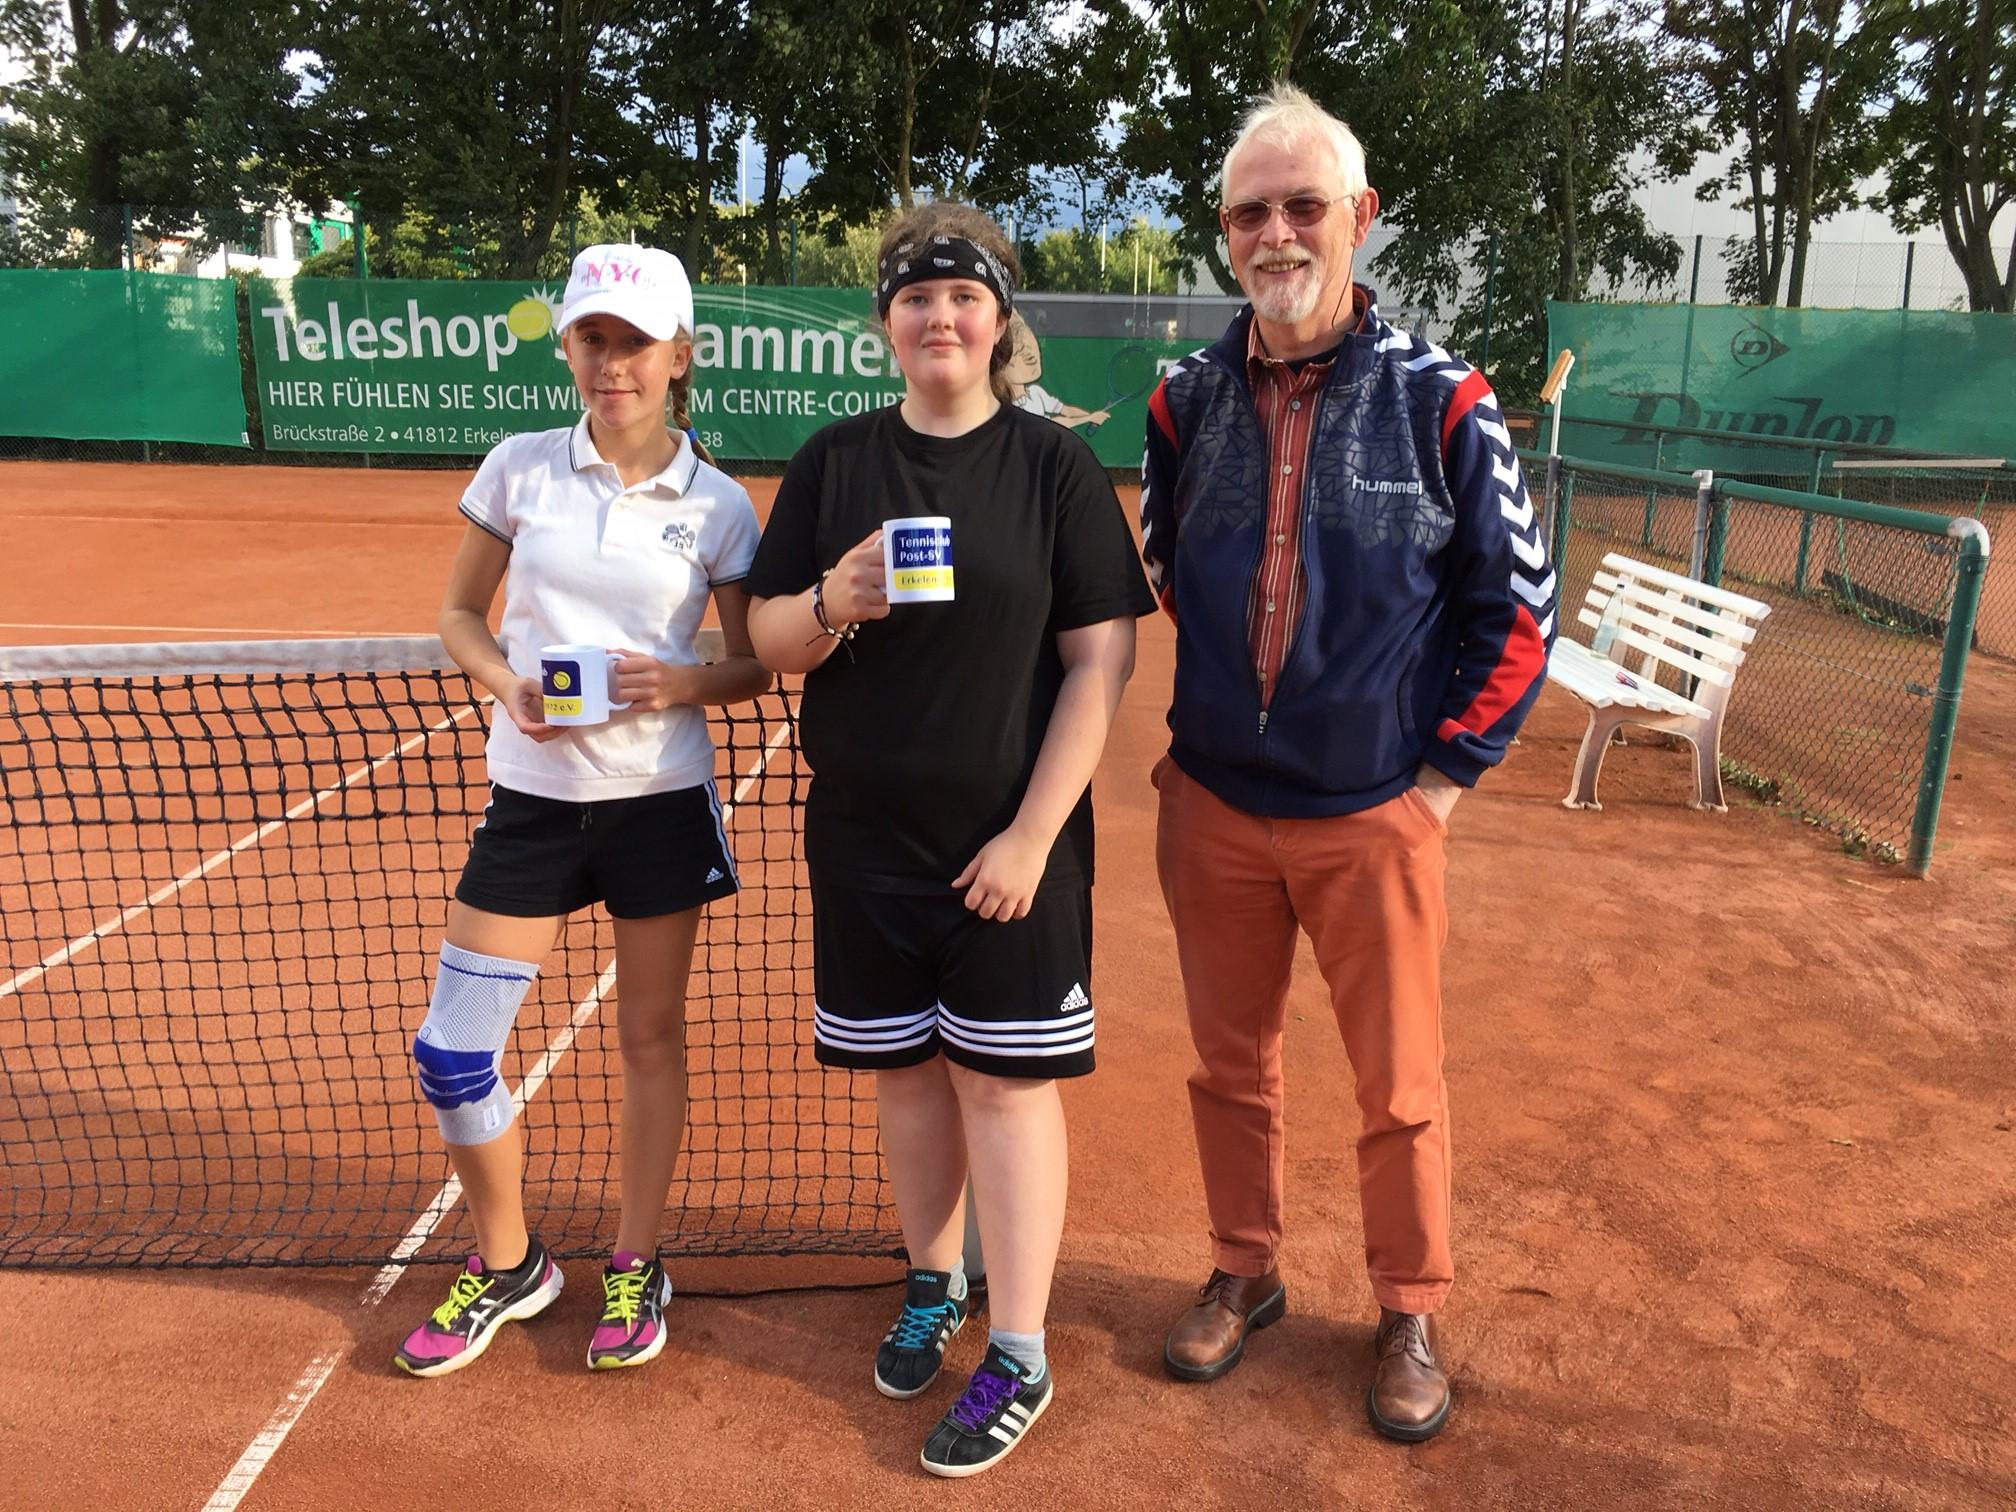 v.l. Emily Wink, Hanna Lehmann-Weingärtner, Rüdiger Röttger